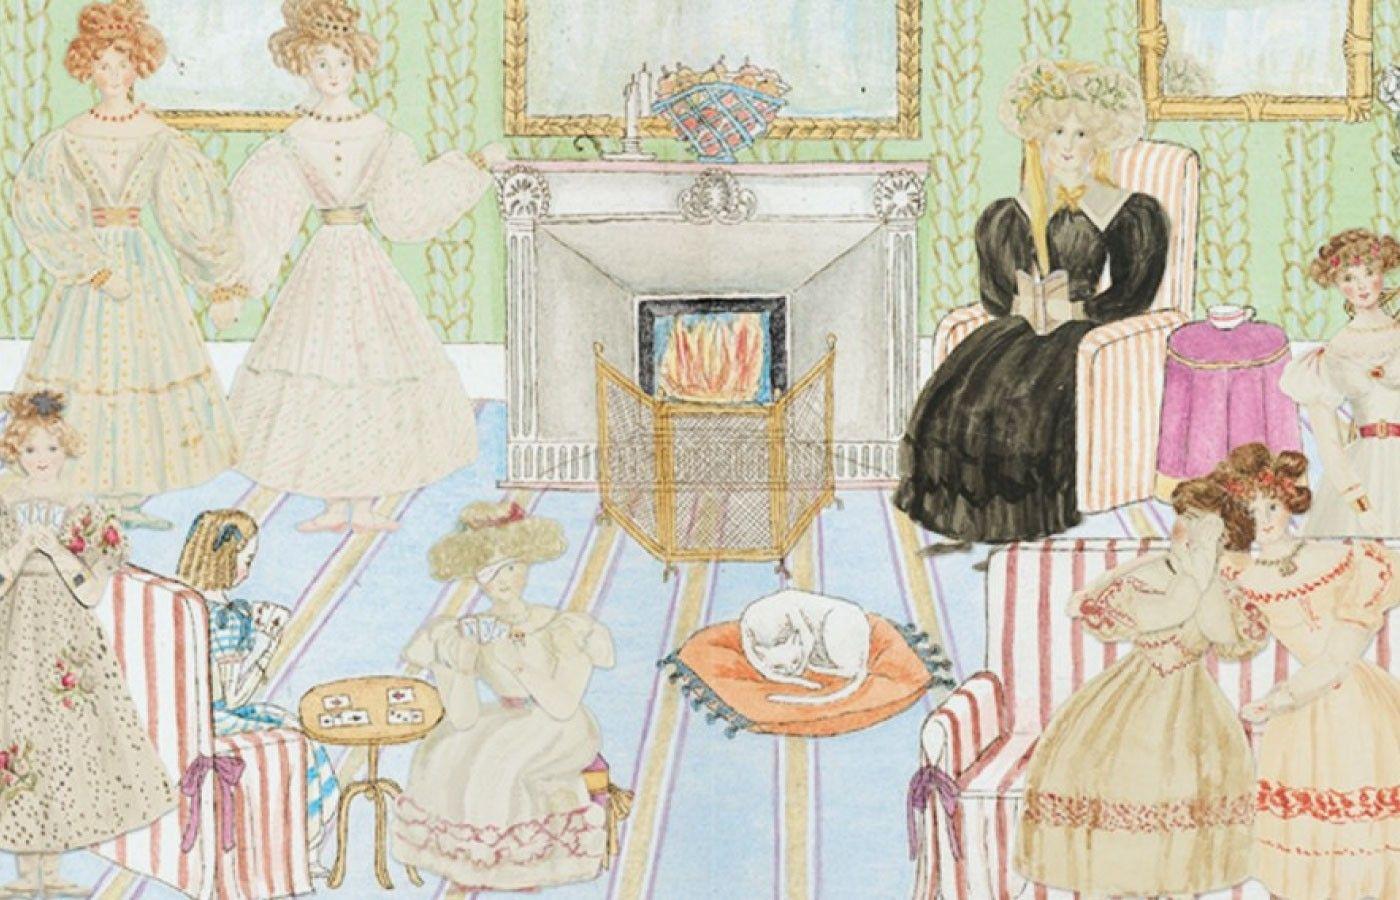 Иллюстрация к книге «Приключения Алисы Ласселлс», написанной королевой Викторией. Фото: Royal Collection Trust